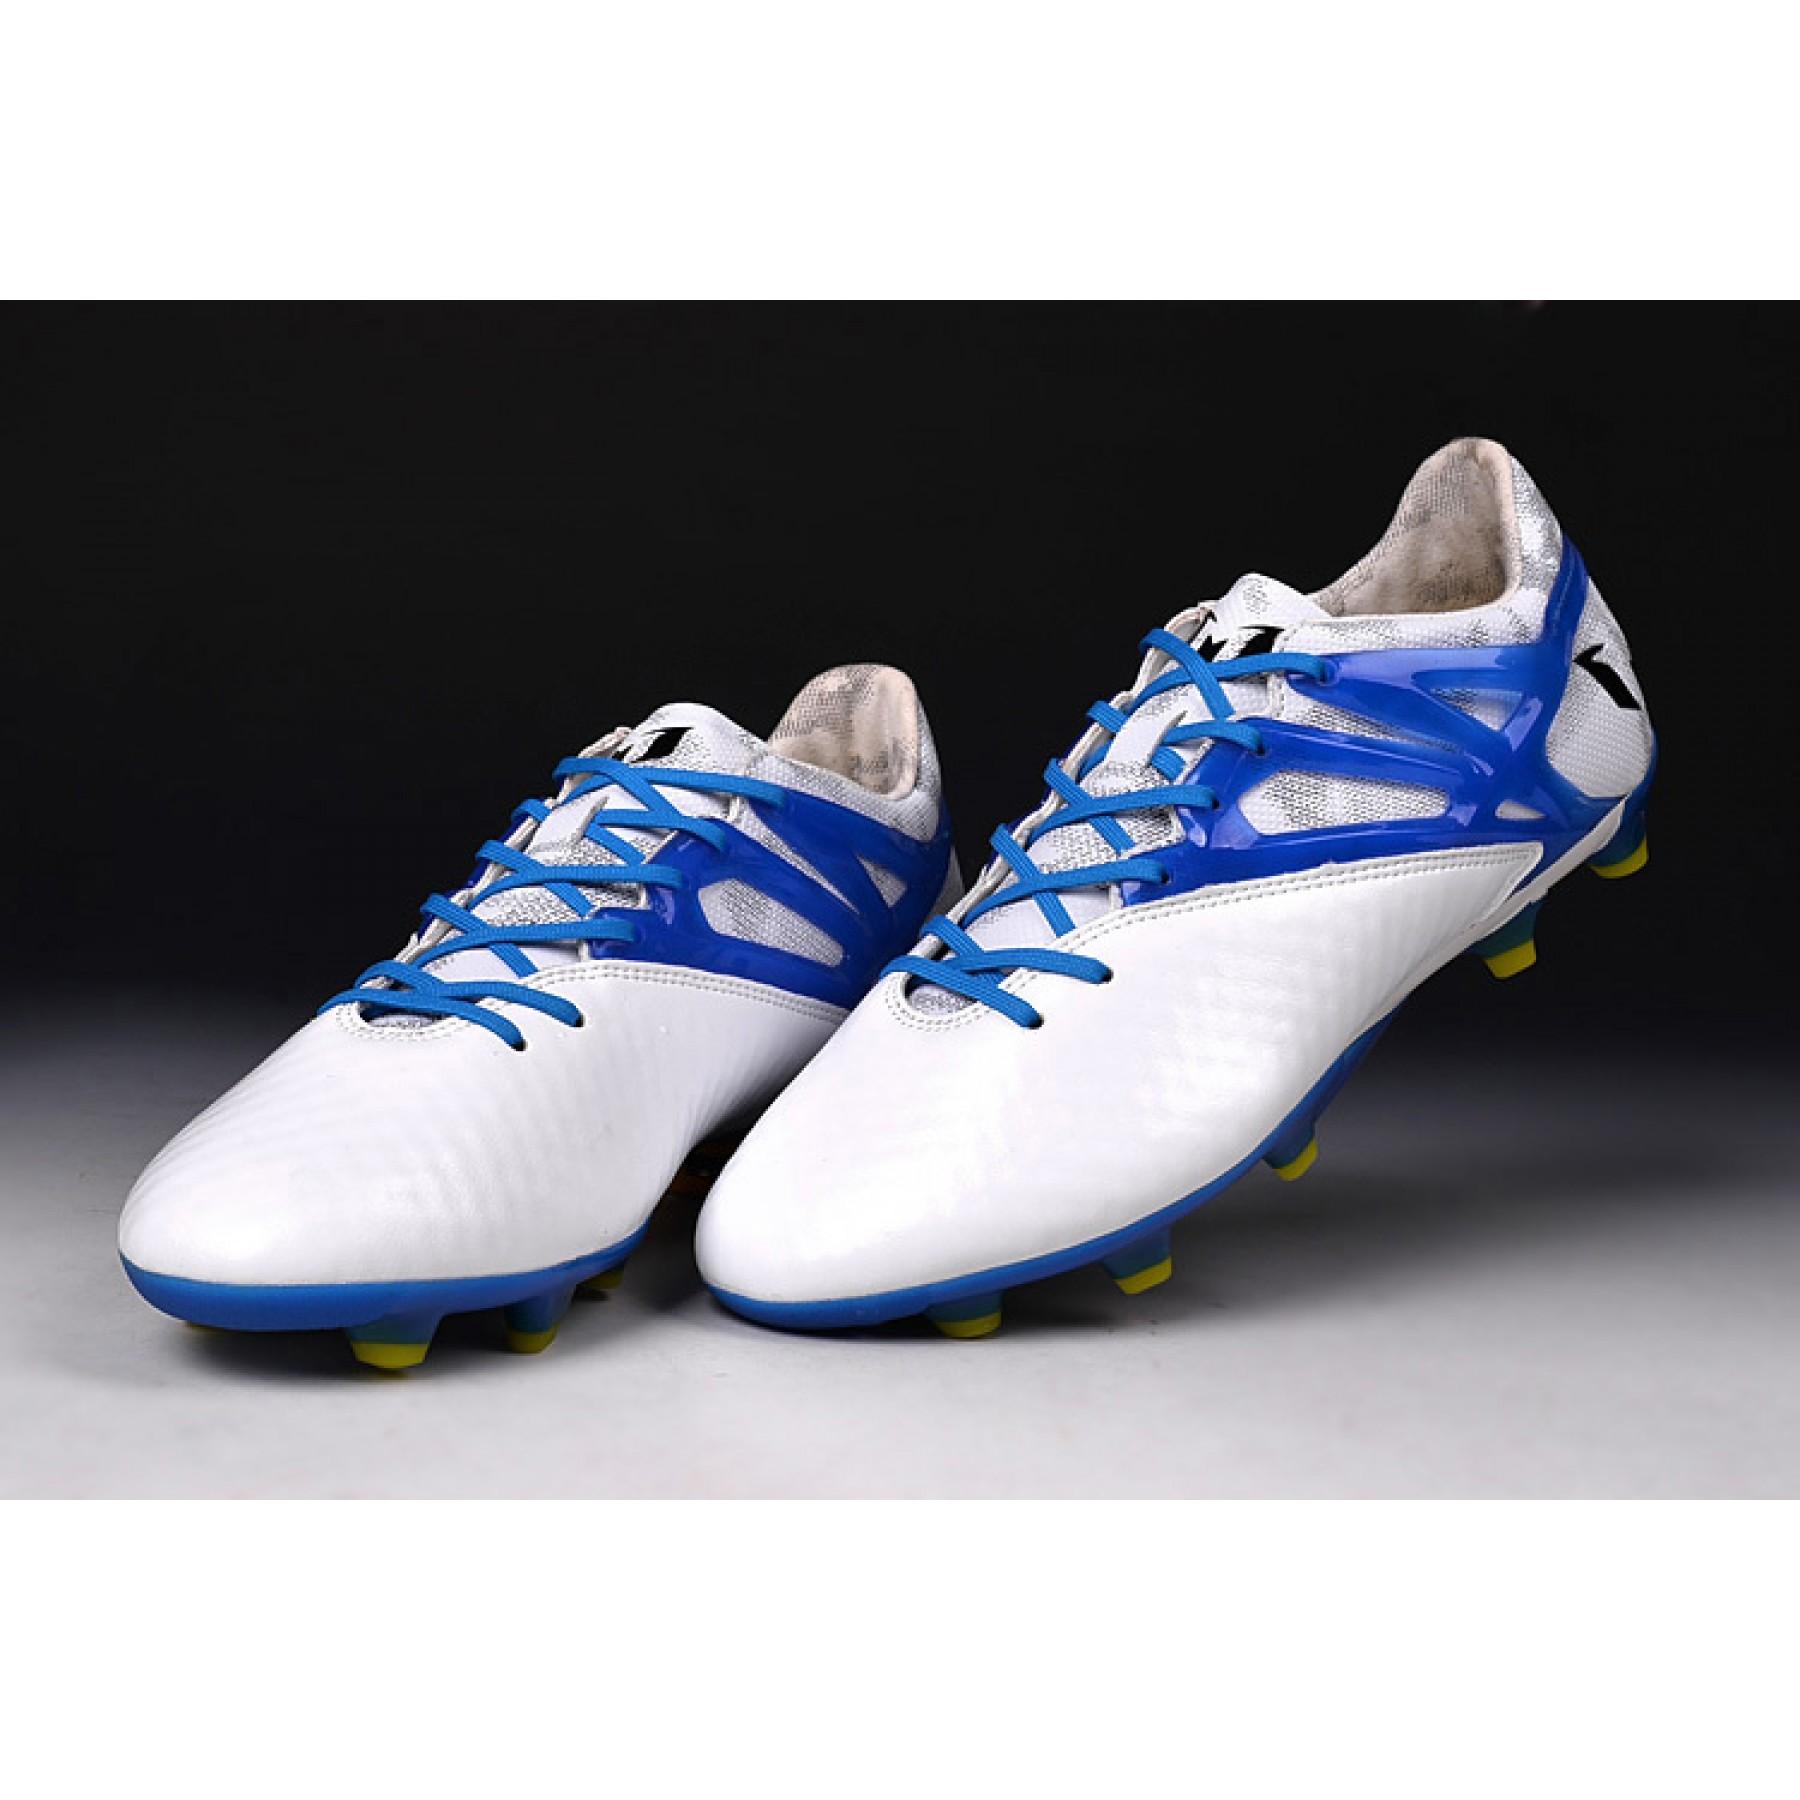 Chuteira de campo adidas MESSI 15.1 FG AG- Branco Azul Prime Cod 1002 739e6a00b0ea5